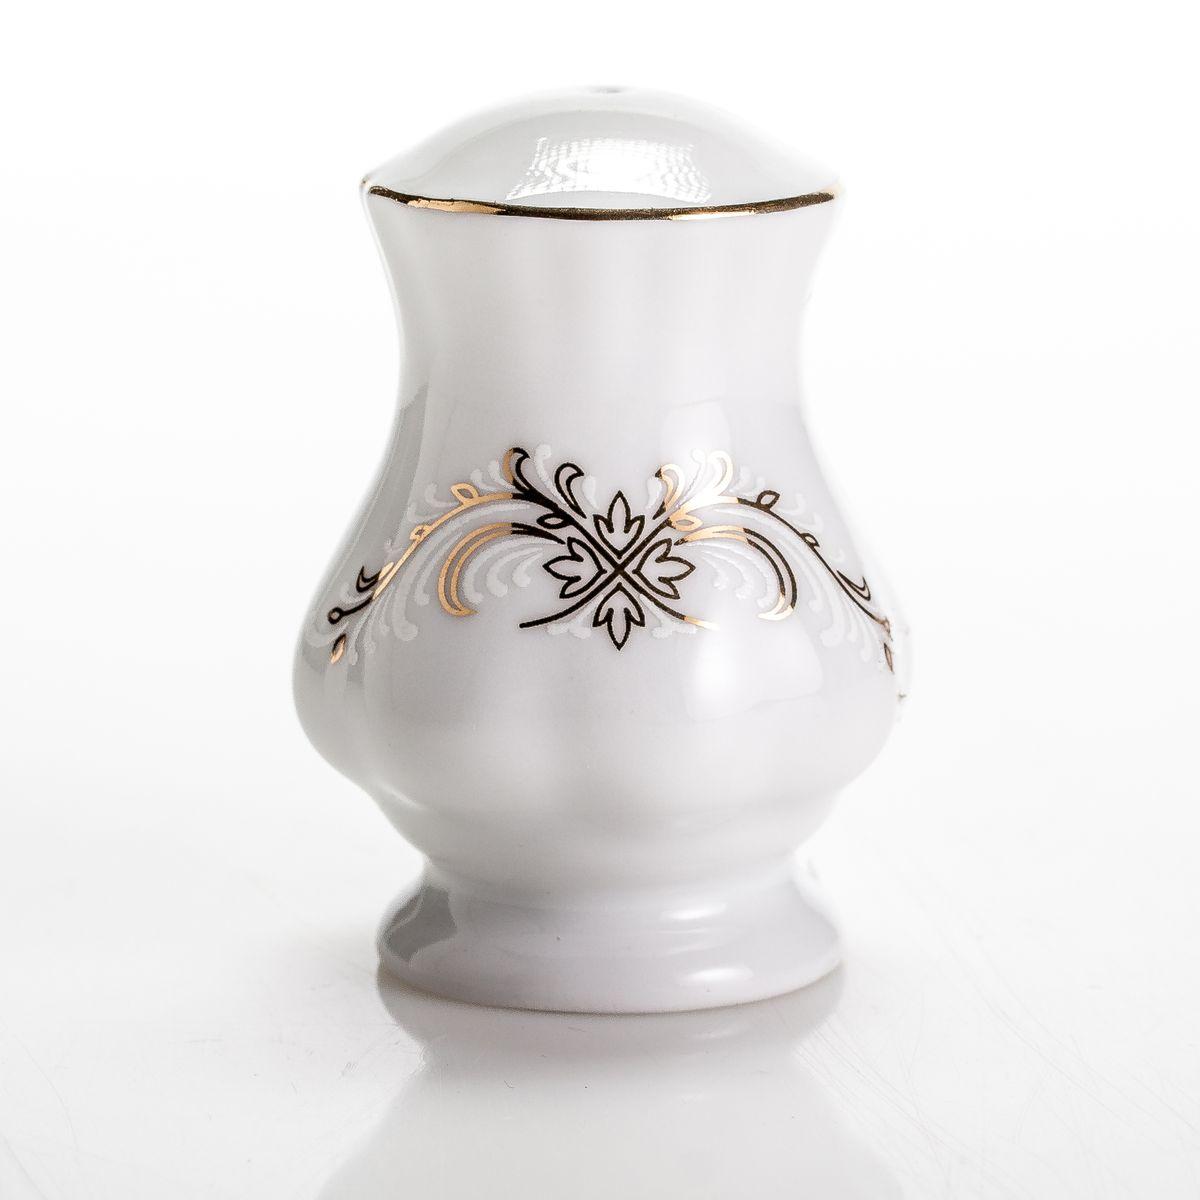 ��������� ������� ������� - Polskie Fabryki Porcelany Cmielow I Chodziez s.a.IW E302 Pepper